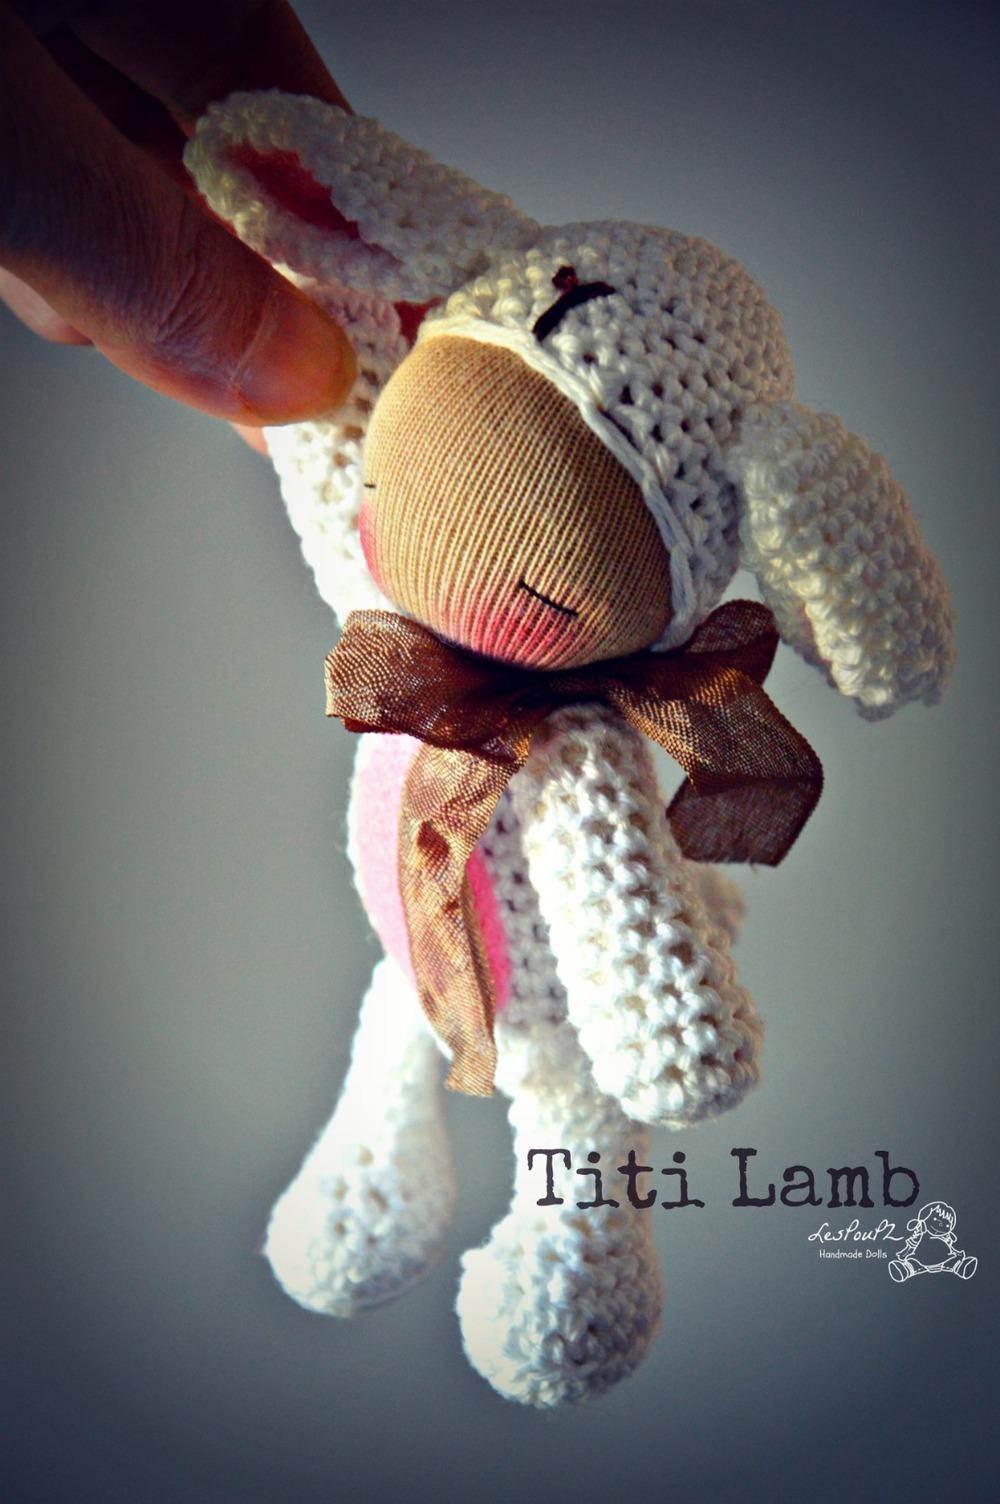 Titi Lamb